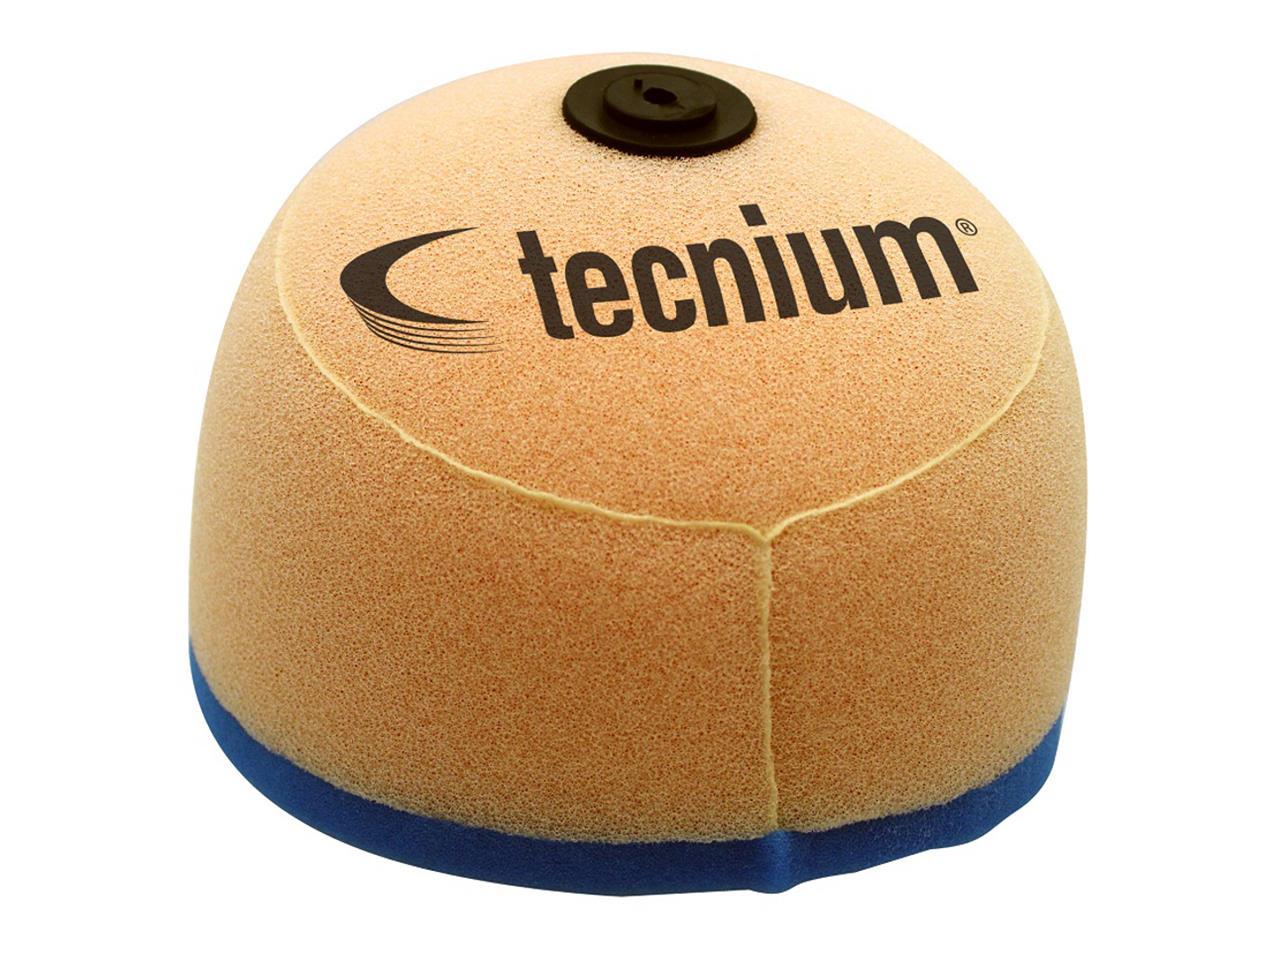 TECNIUM テクニウムTECNIUM エアフィルター KTM SX-F250用 (Tecnium Air Filter KTM SX-F250【ヨーロッパ直輸入品】)